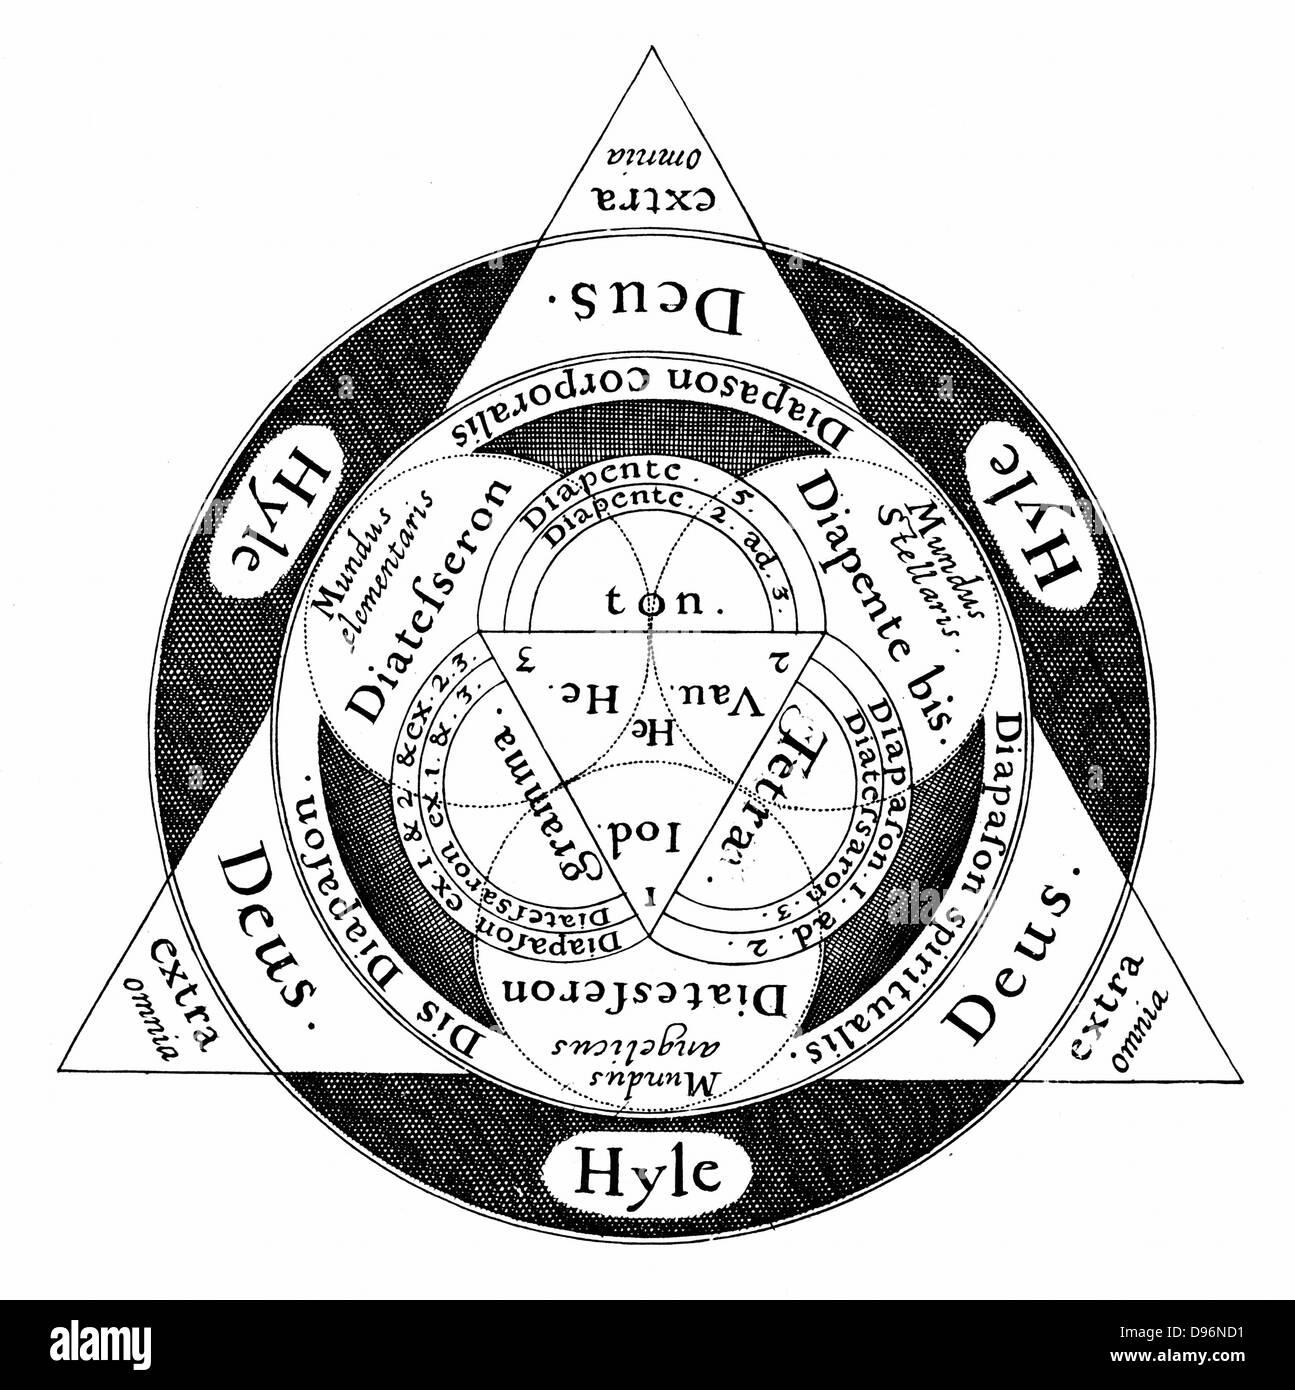 La divina armonia del microcosmo e la macrososm secondo l'ermetica e Cabalistic insegnamento. Dio è sempre Immagini Stock